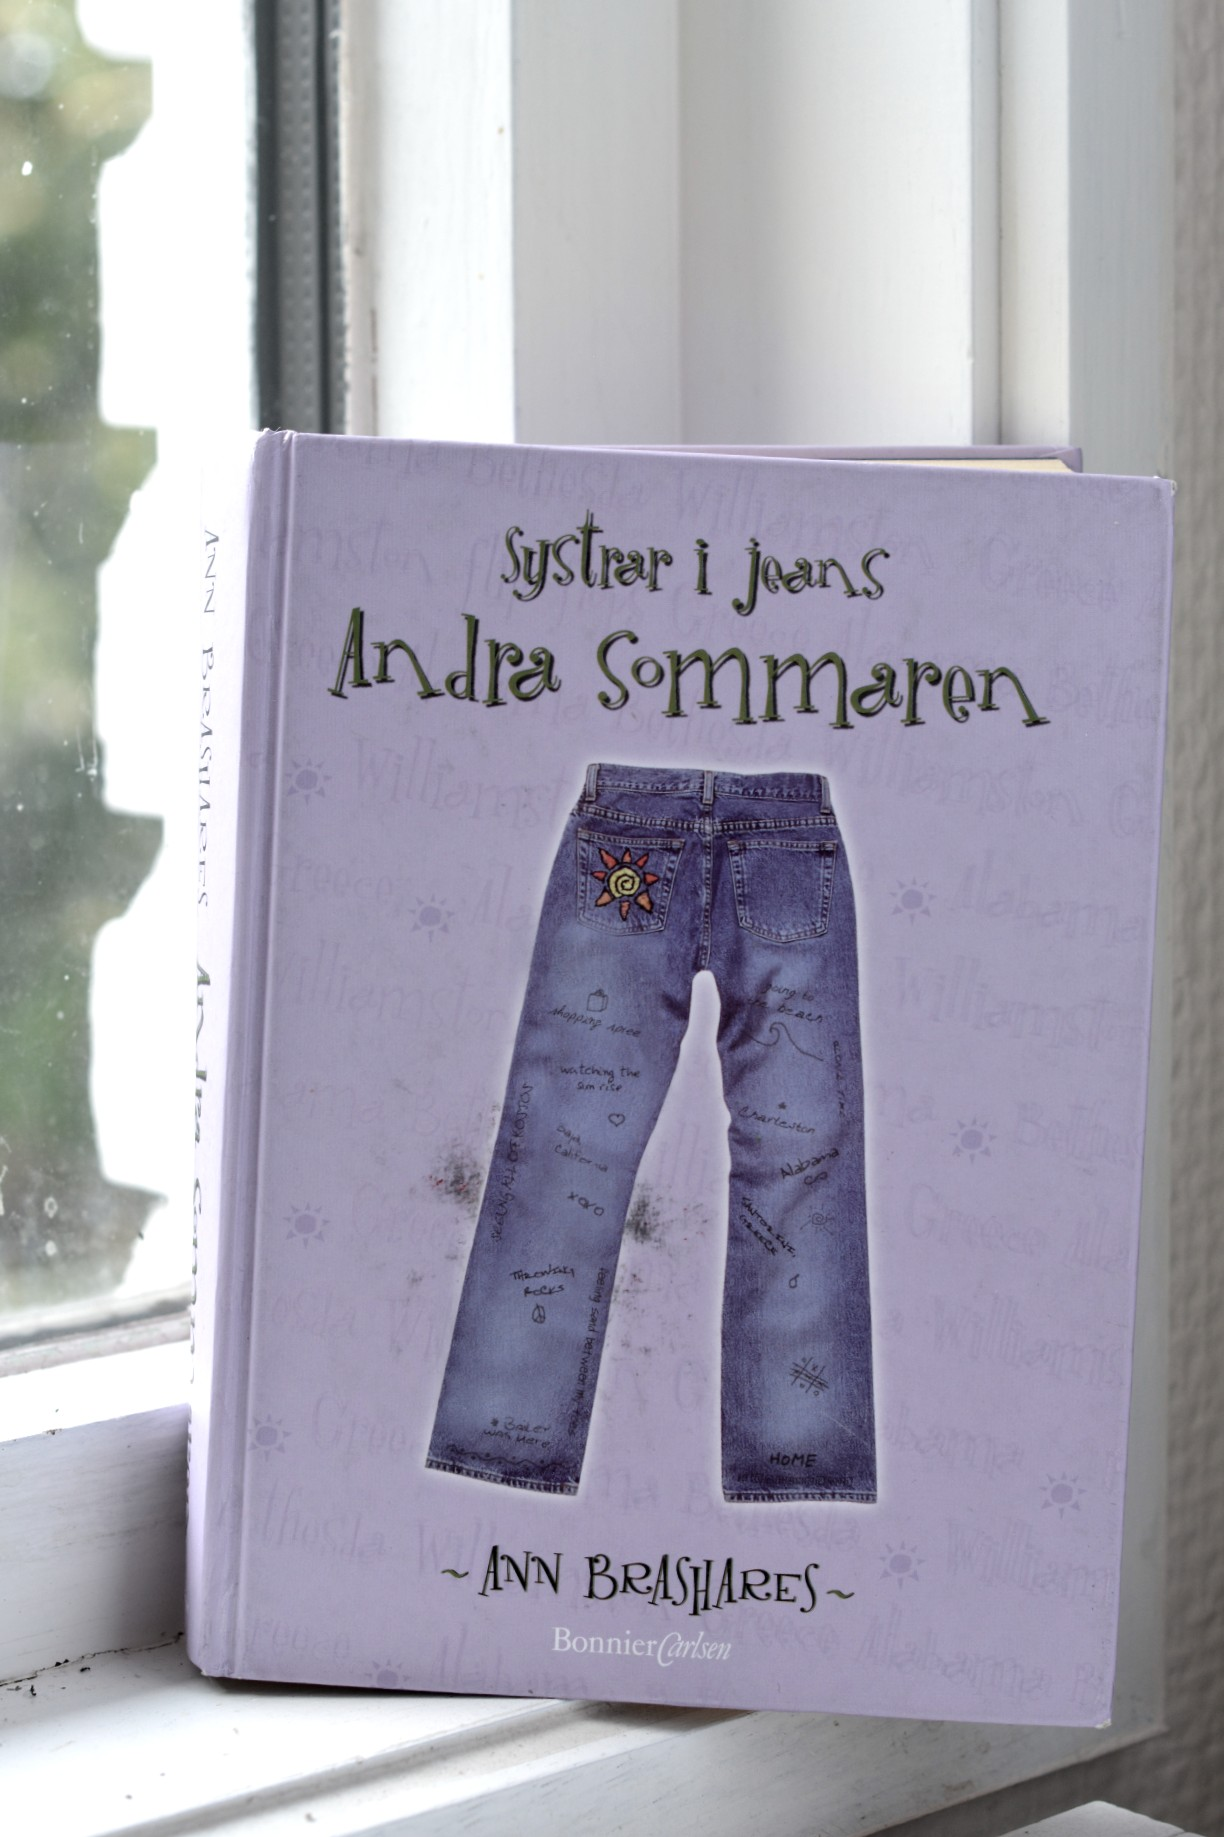 Systrar i jeans: Andra sommaren av Ann Brashares